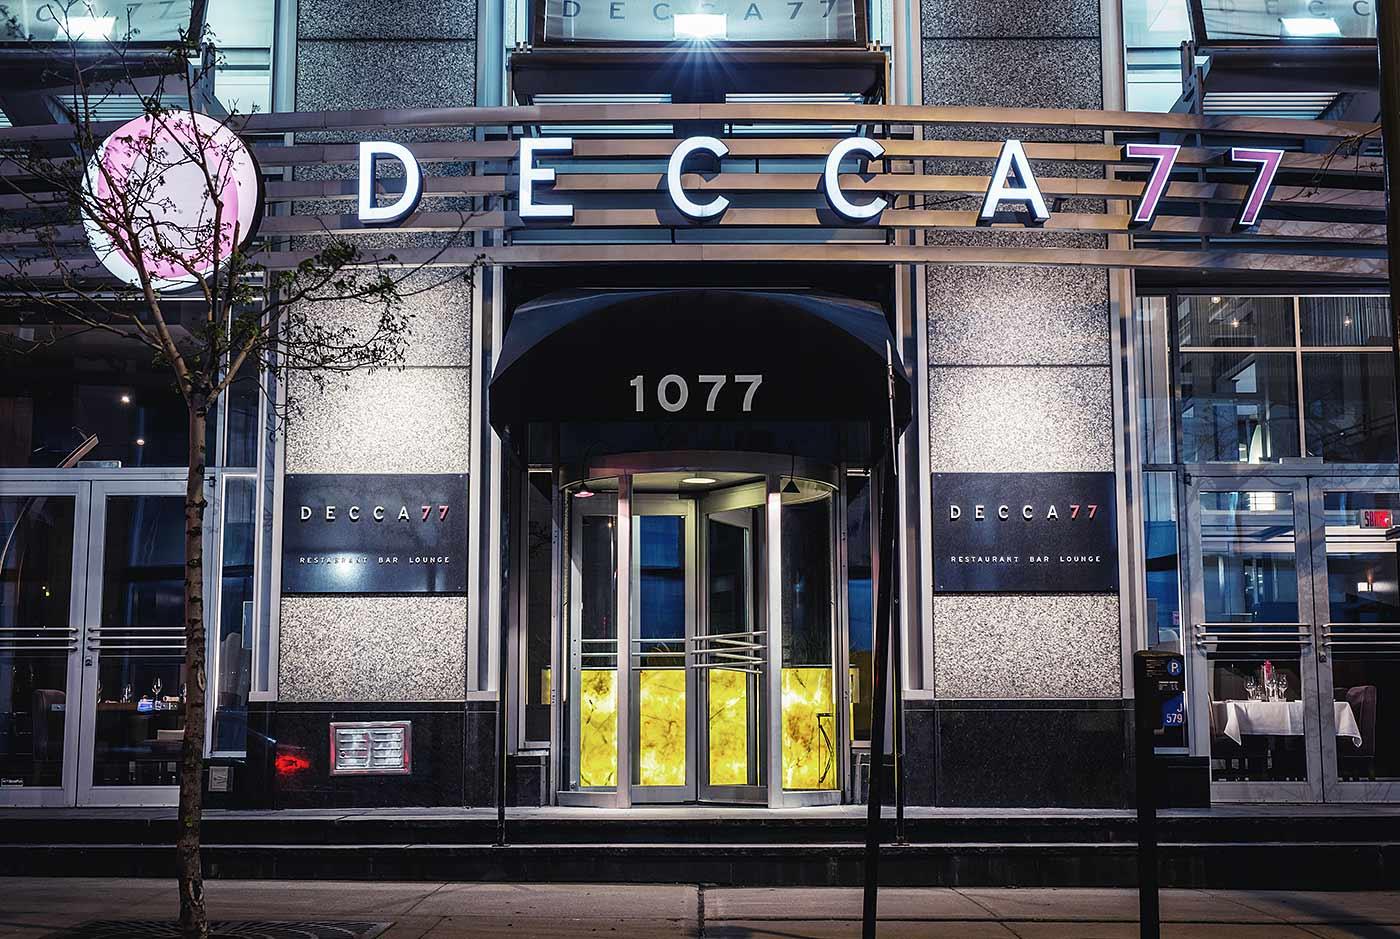 Decca 77 Facade